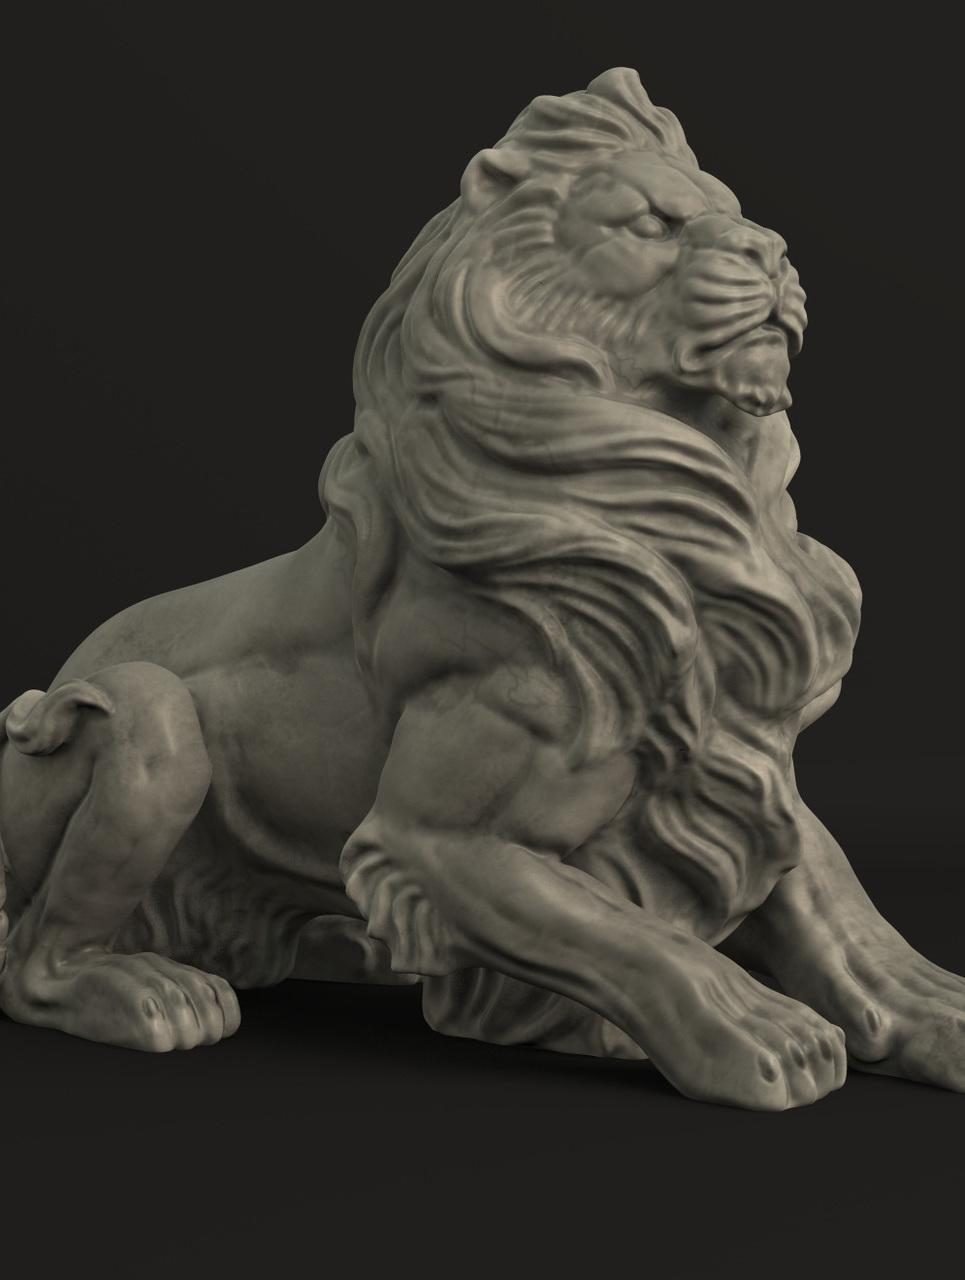 Lion 1 show